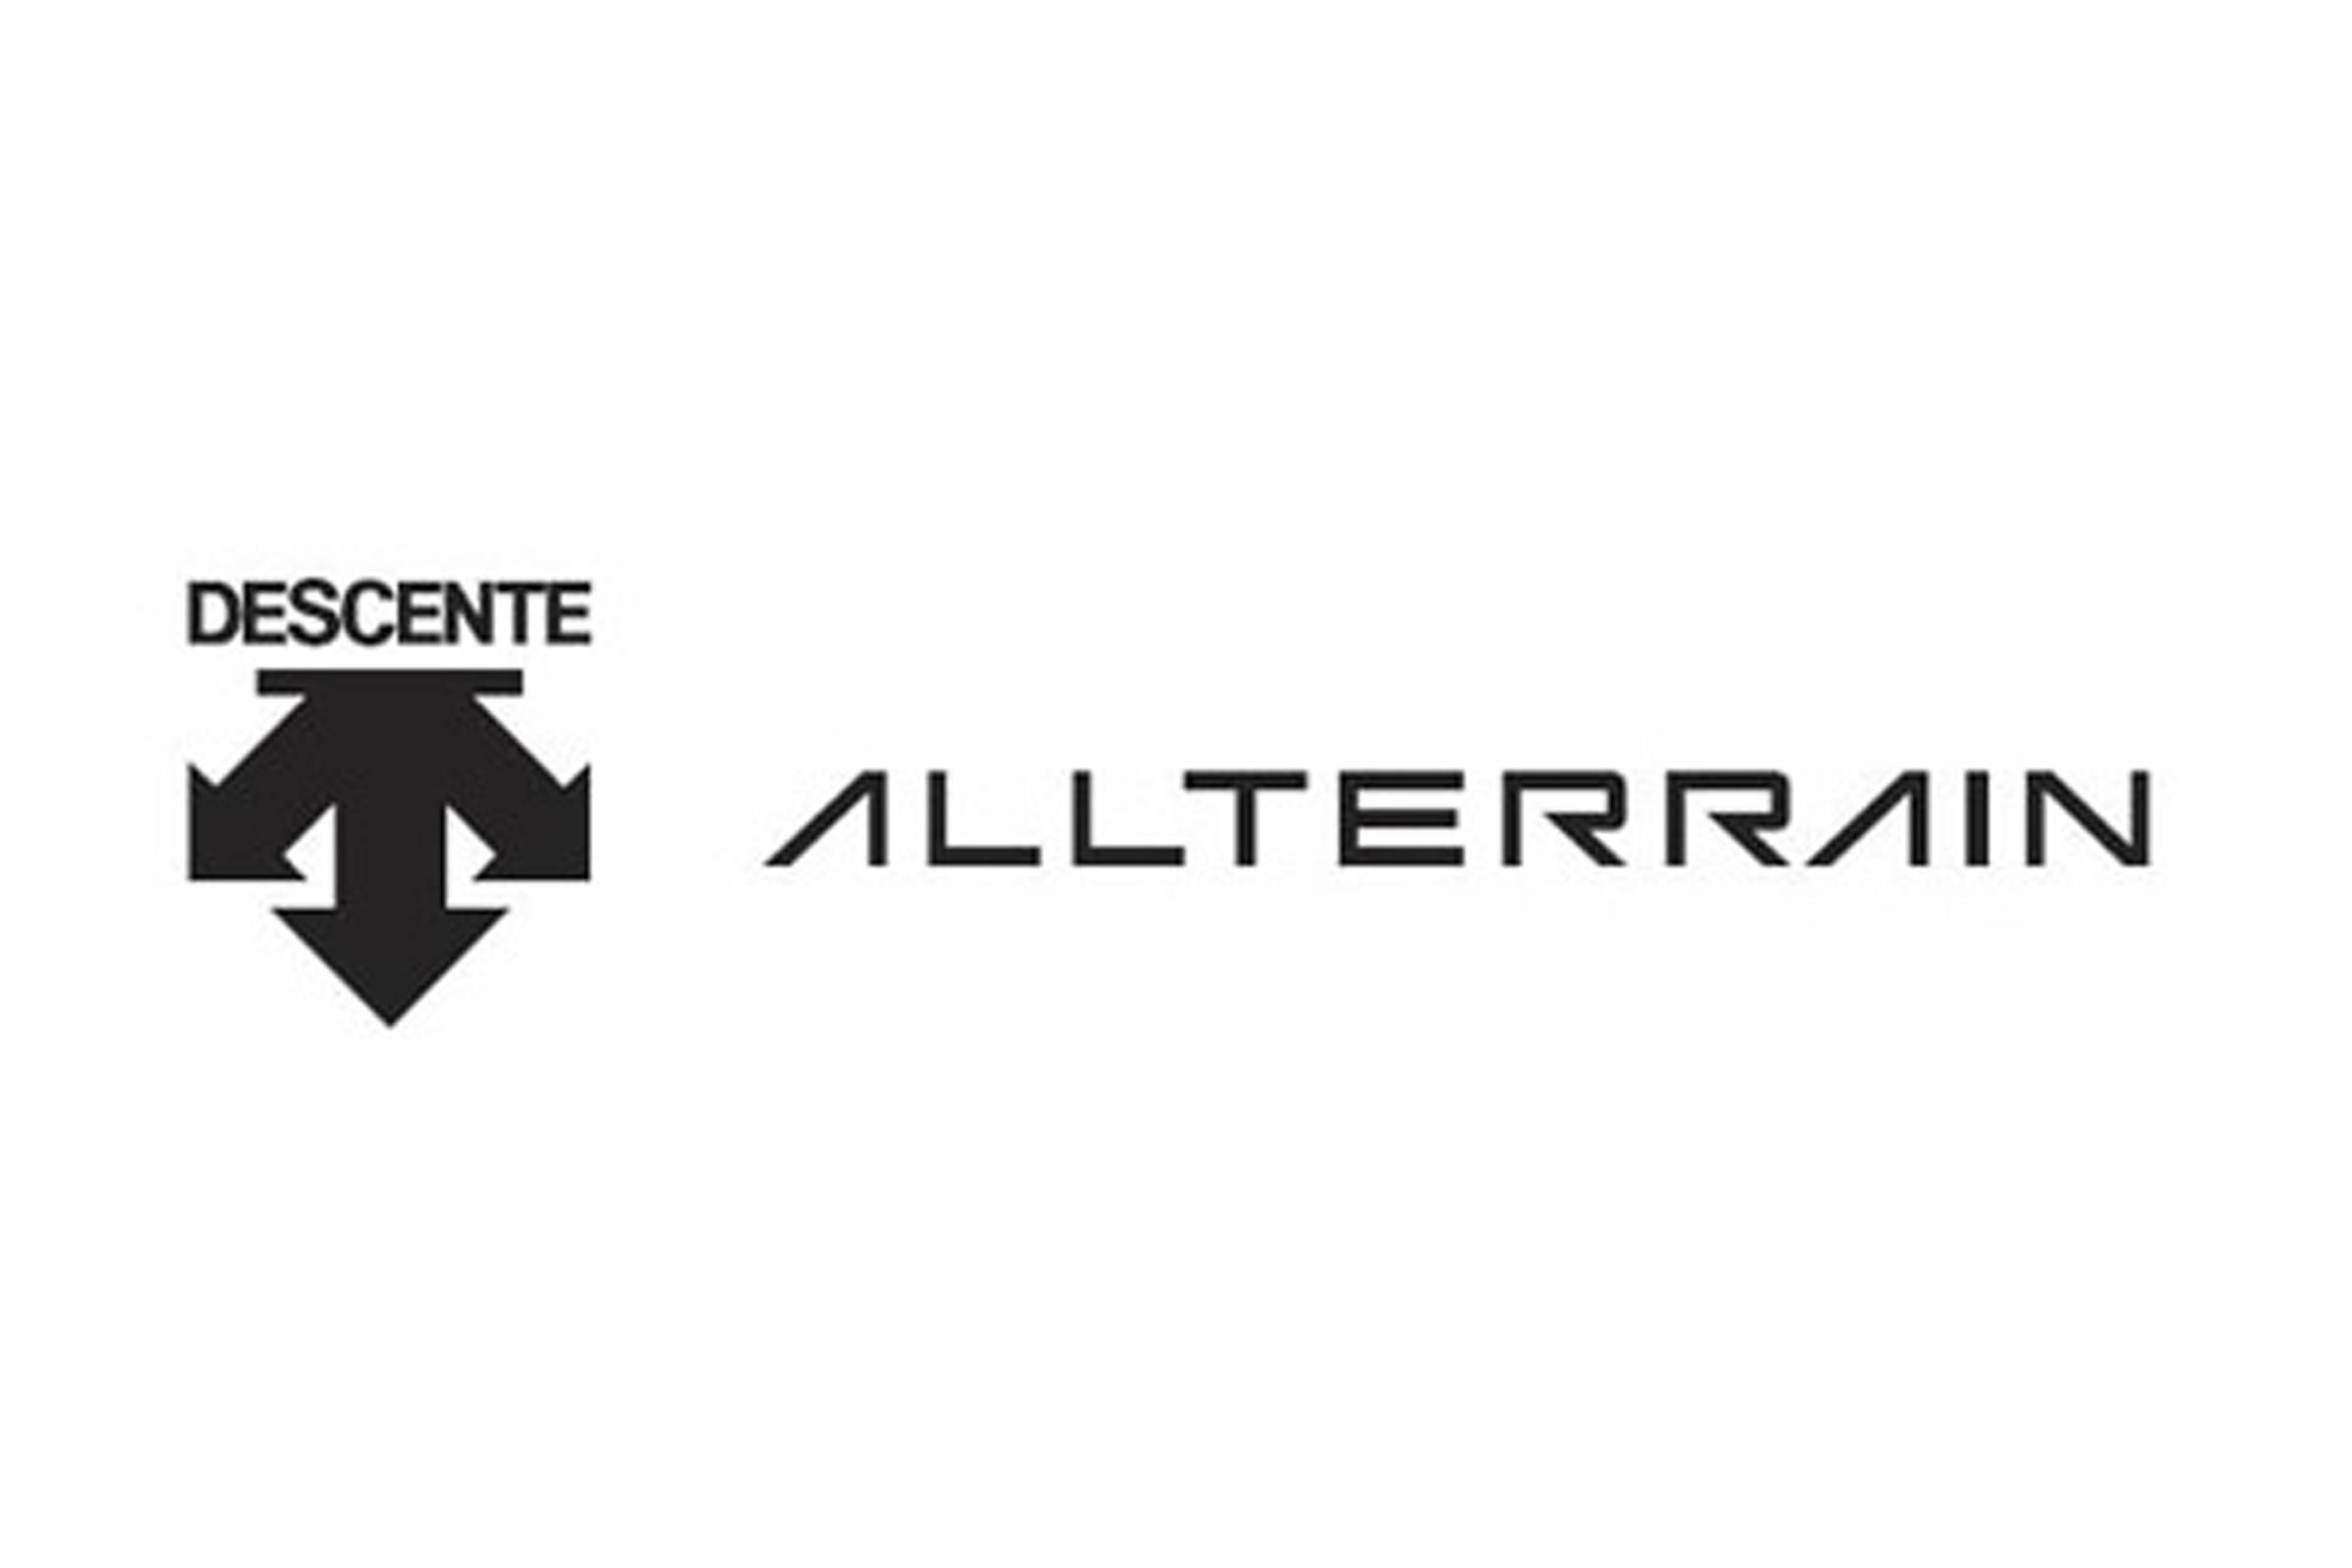 5. Descente ALLTERRAIN